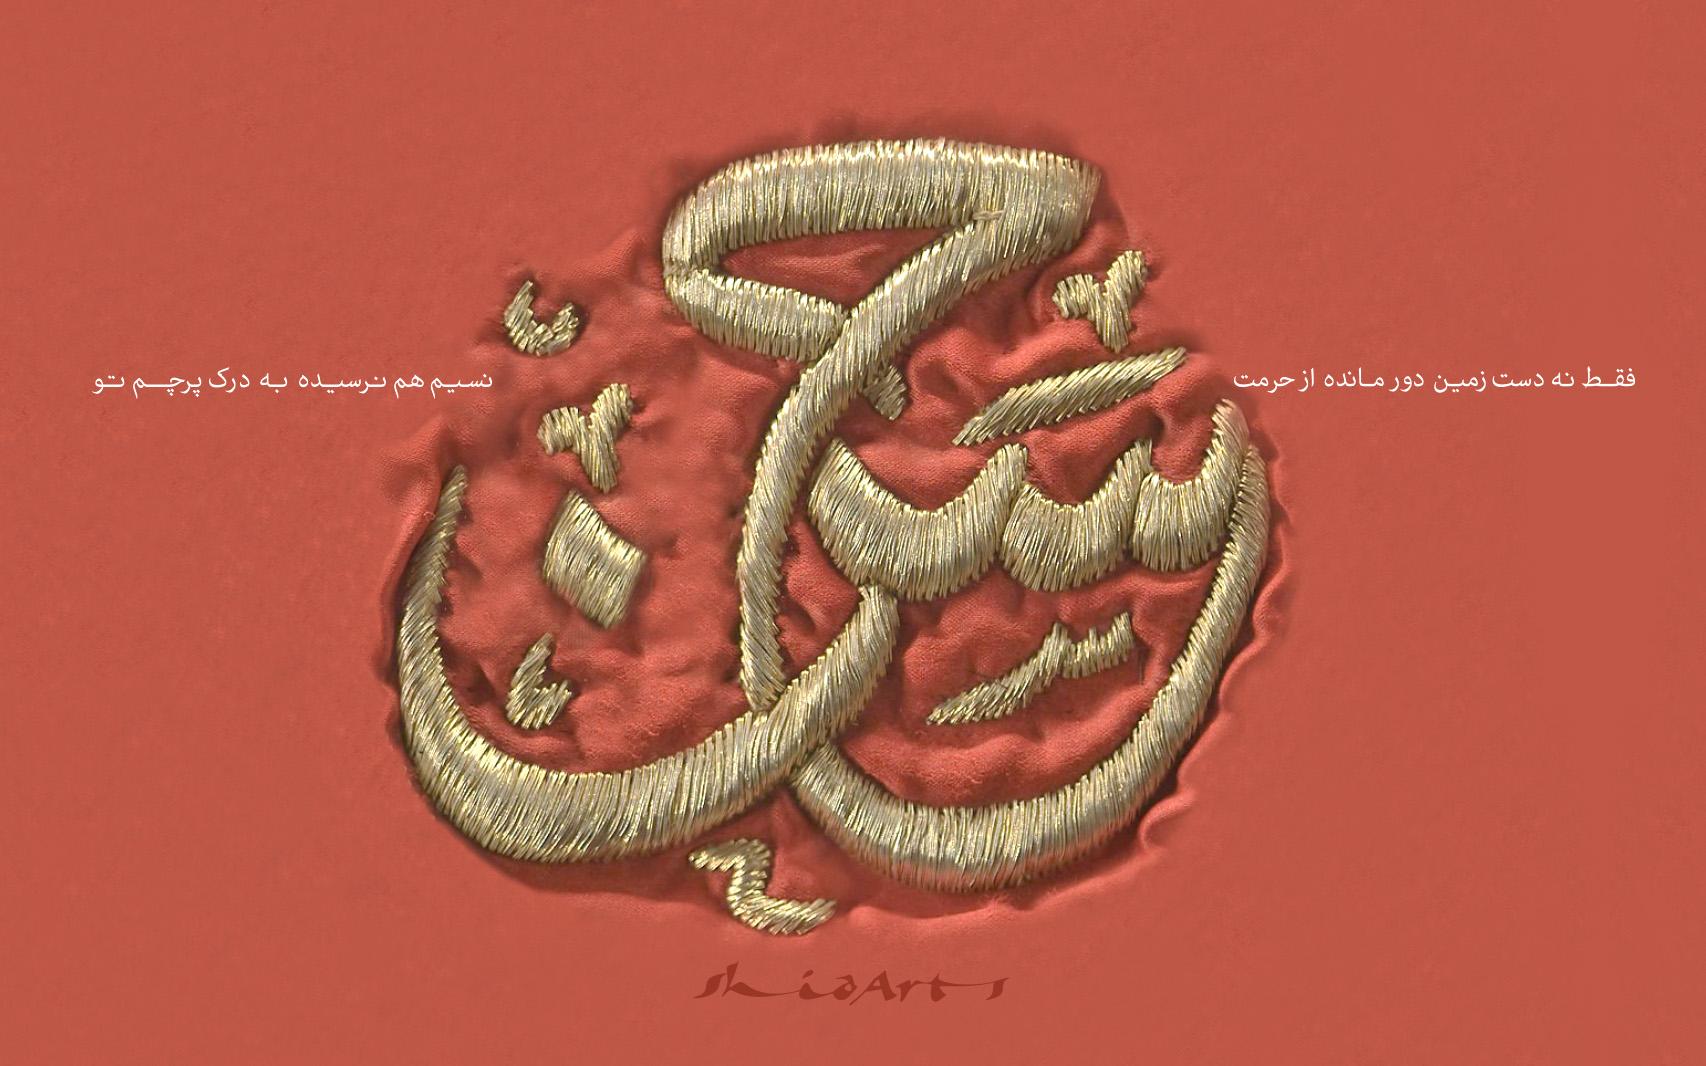 هدیه ای از استاد نجابتی به مناسبت میلاد مسعود امام حسن مجتبی علیه السلام